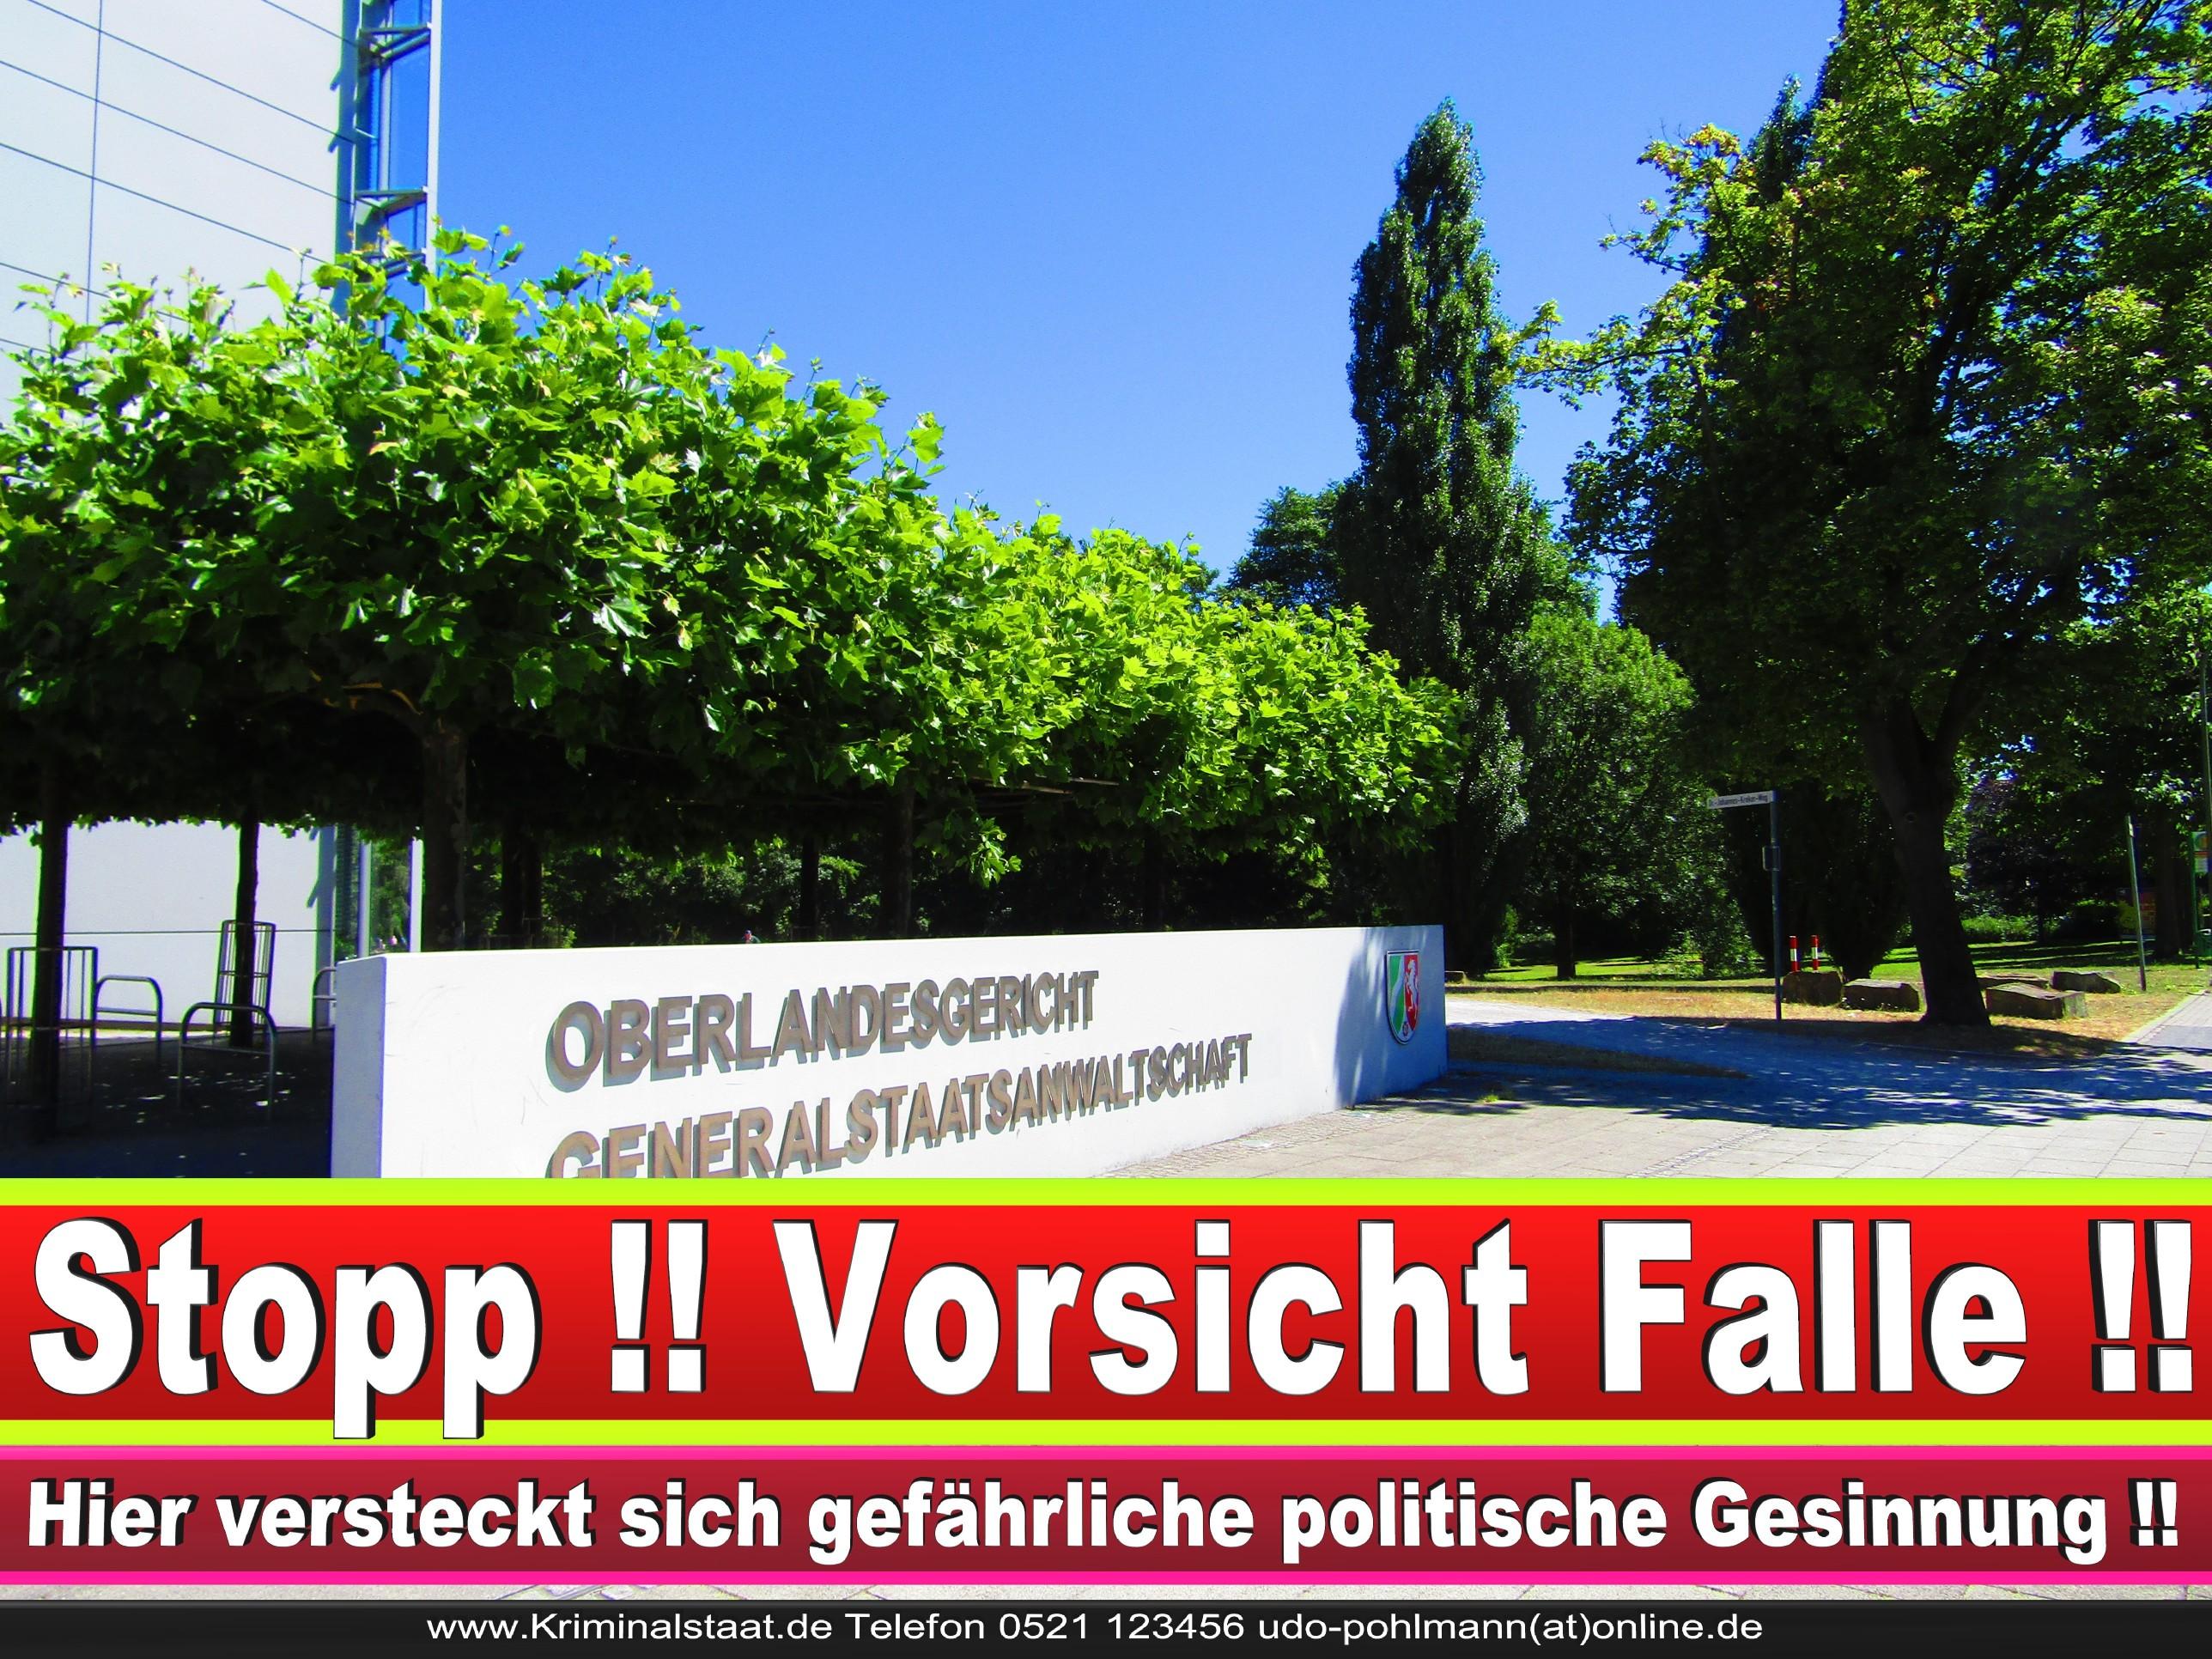 OLG Hamm Oberlandesgericht Hamm Landgericht Polizei Staatsanwaltschaft Generalstaatsanwaltschaft StA GeStA Praktikum Korruption Rechtsbeugung Richter Justiz Justizministerium (44)